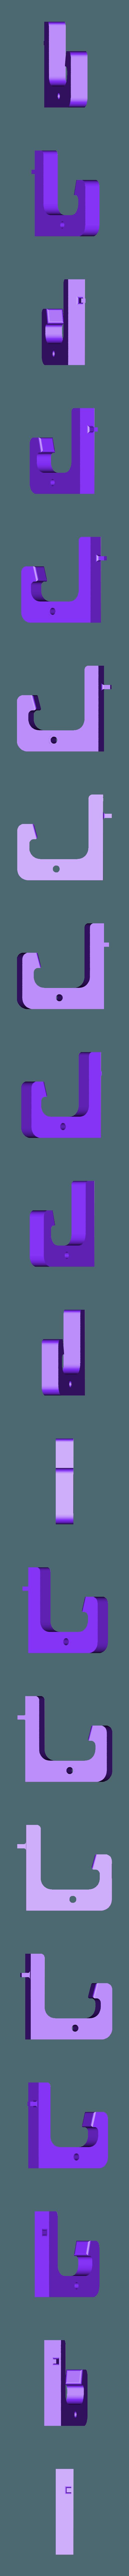 3.stl Télécharger fichier STL gratuit Déclencheur de feu pour jeux mobiles • Objet à imprimer en 3D, EliGreen